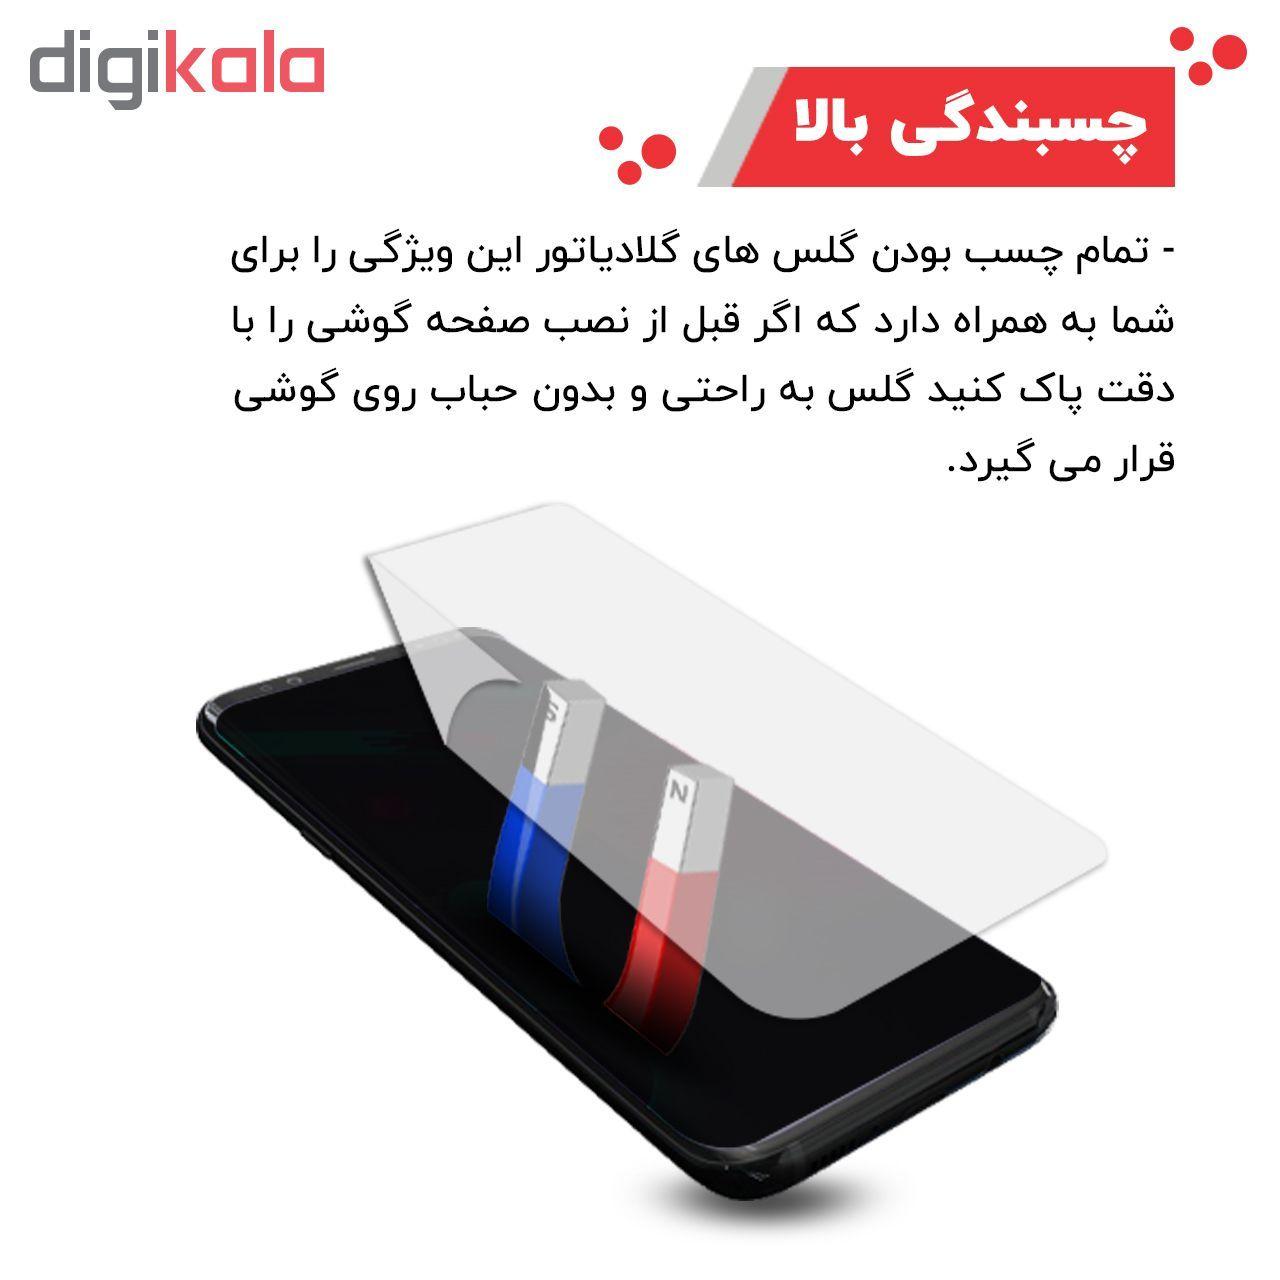 محافظ صفحه نمایش گلادیاتور مدل GPH1000 مناسب برای گوشی موبایل هوآوی Nova 3e main 1 4